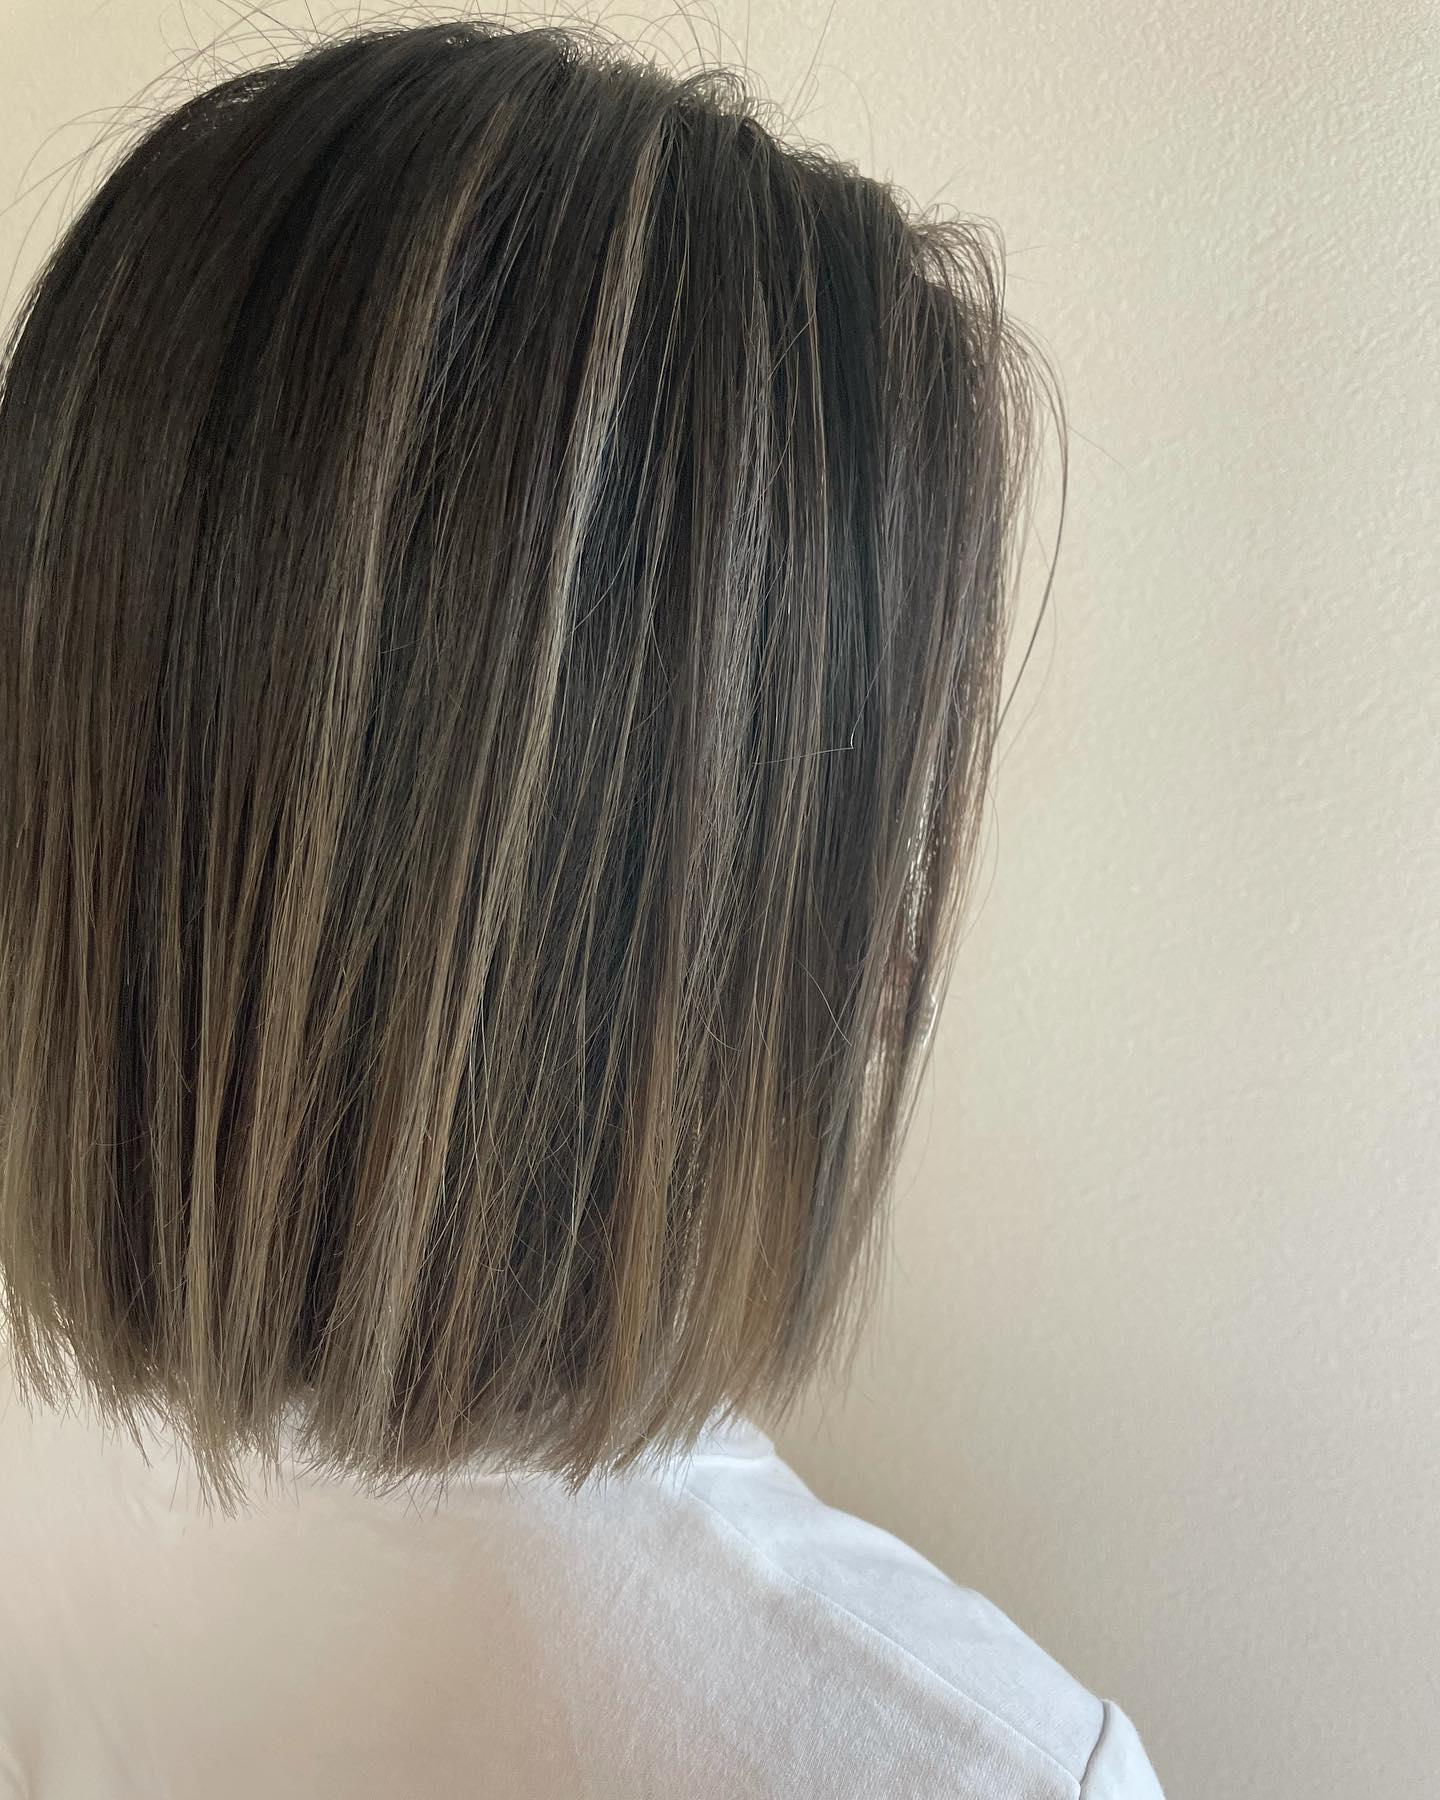 ばっさりきってバレイヤージュノンスタイリングでも可愛い巻くとより感じが変わって楽しめる️#totti #hair #color #perm #cut #hairstyle #haircolor #hairarrange #stylist #care #carelist #aujua #イルミナカラー #headspa #treatment #美容院